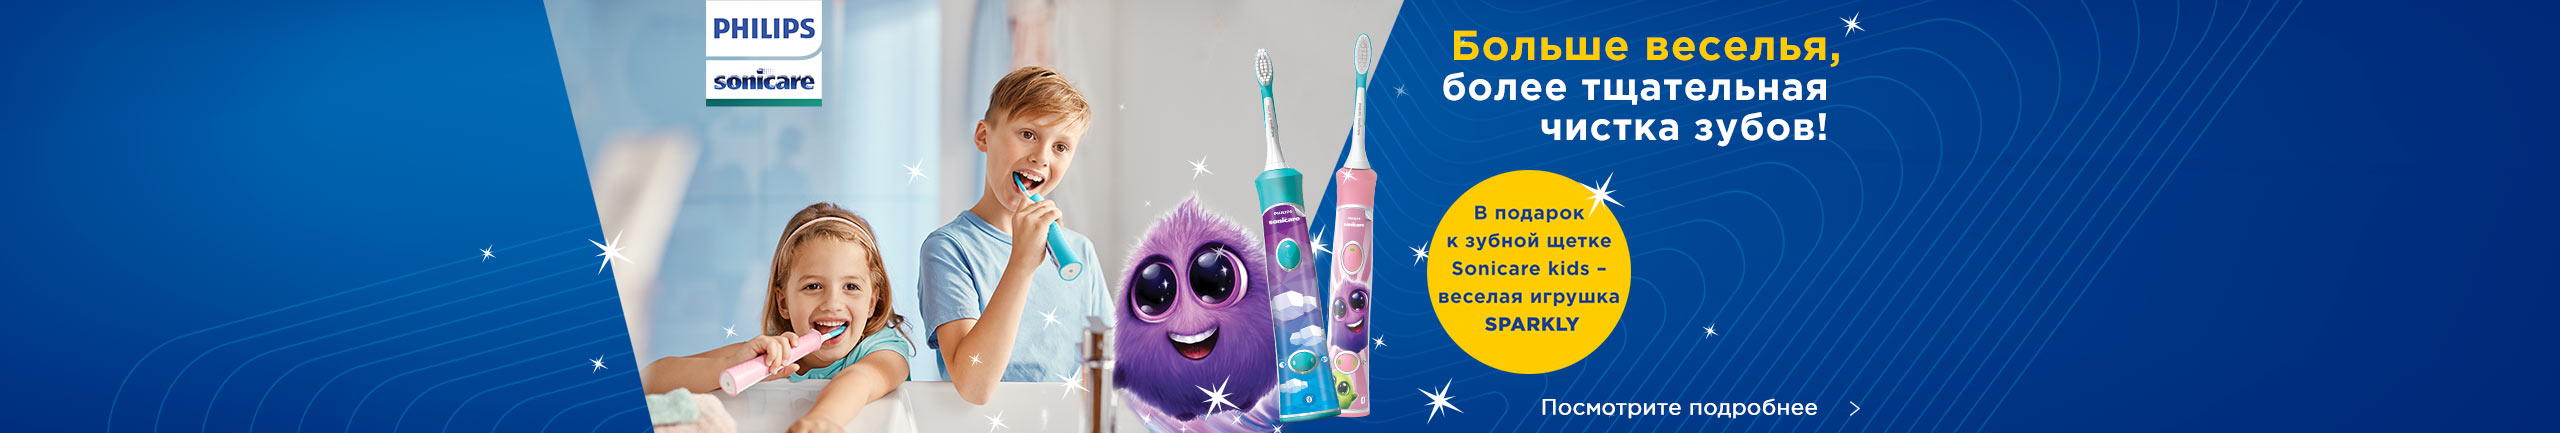 В подарок к зубной щетке Sonicare kids – веселая игрушка Sparkly